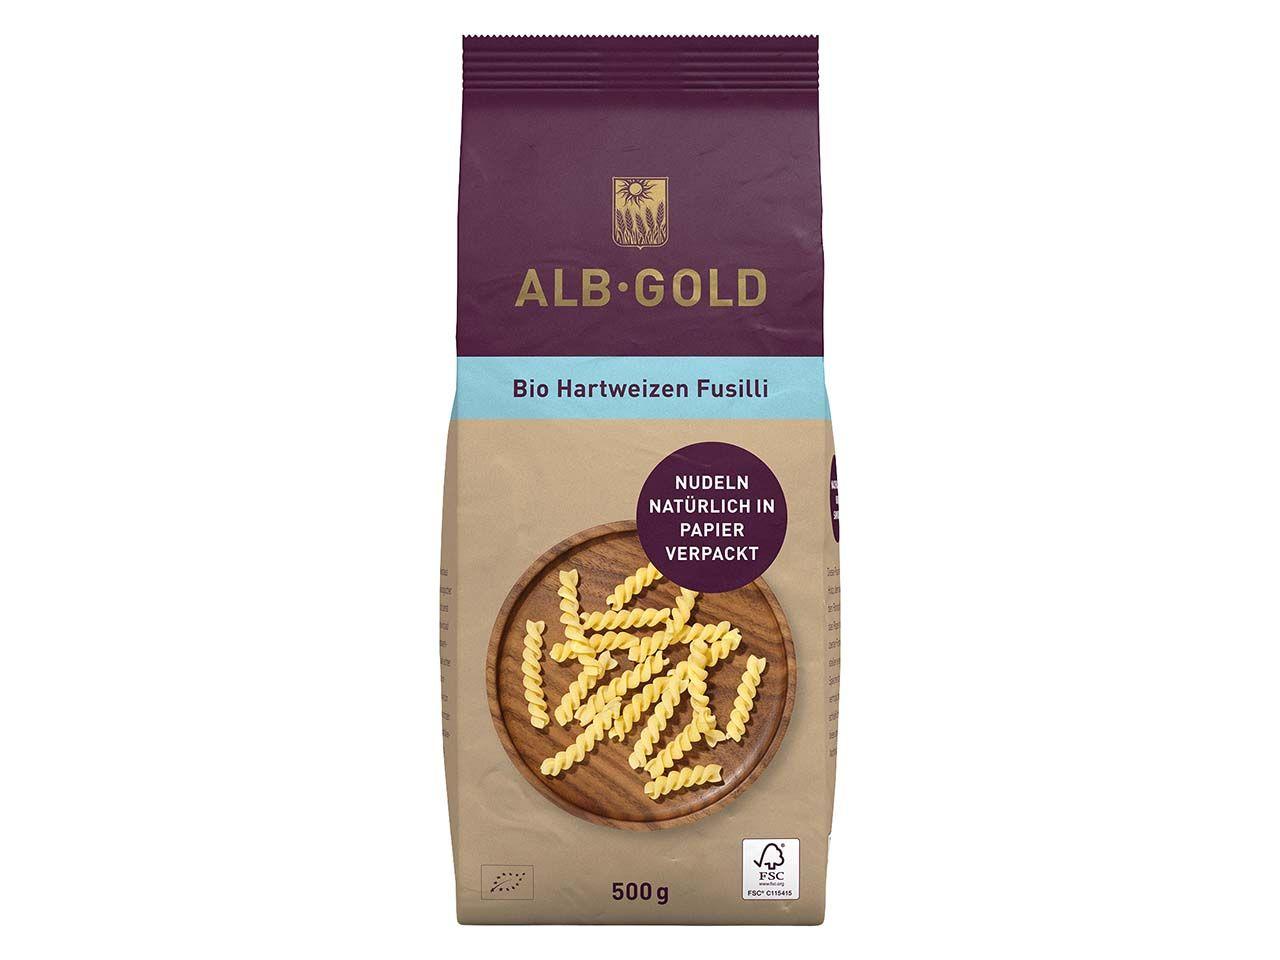 ALB-GOLD Bio-Hartweizen Fusili, 500 g 104034312